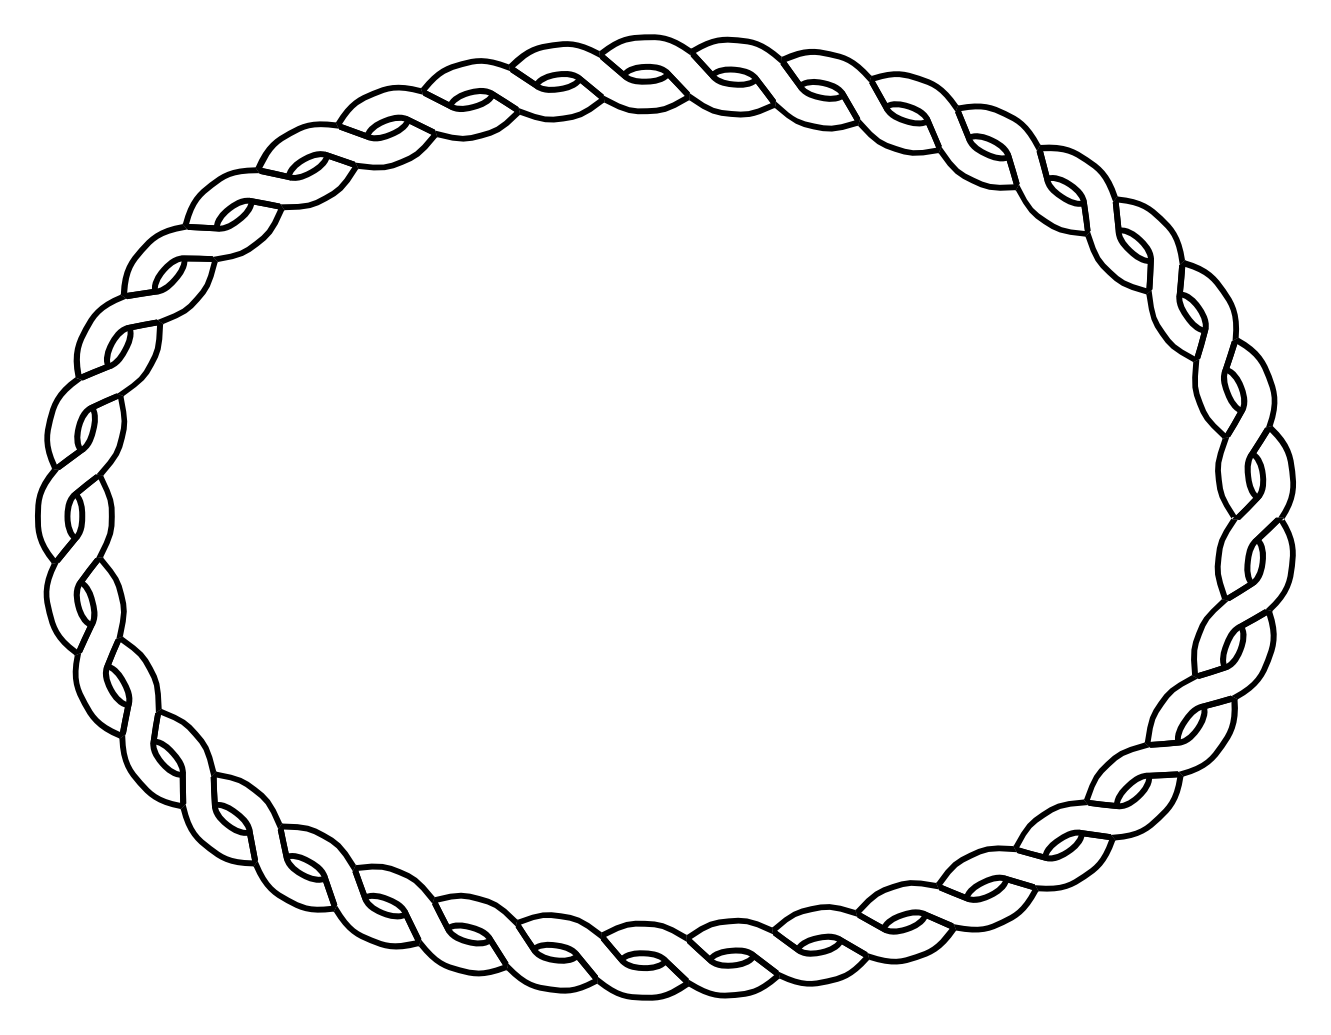 Leaf Top Border Black And White Border oval black white